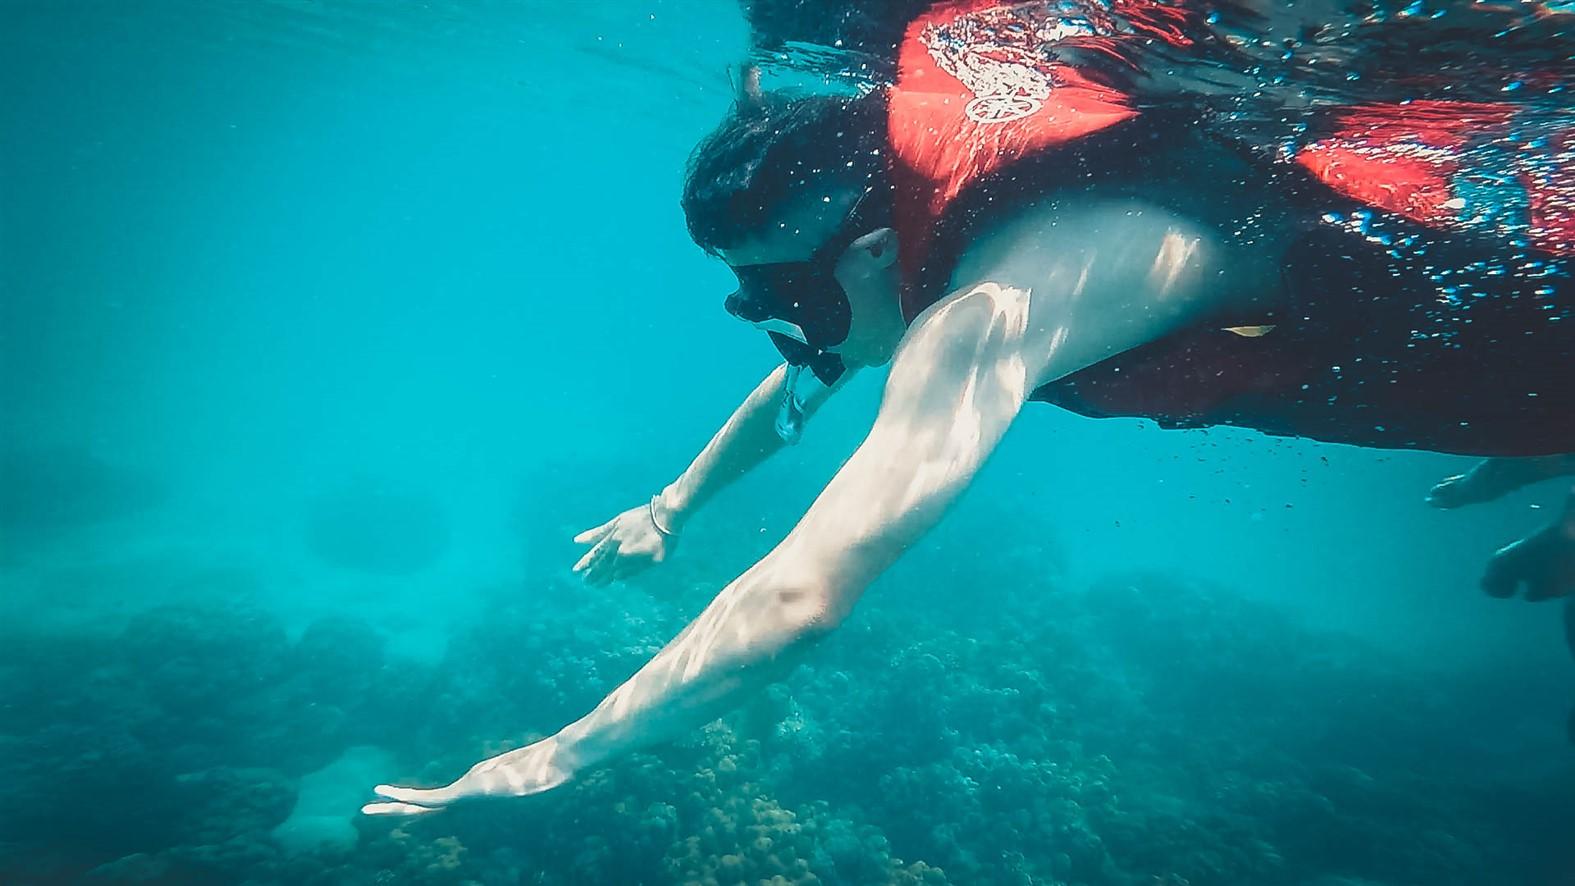 """. Đắm mình xuống nước biếc xanh, ngắm những triền cát trắng chạy dài tít tắp, Đảo Ngọc xứng đáng là """"món chính"""" không thể bỏ qua trong """"bữa tiệc"""" xê dịch mùa hè."""